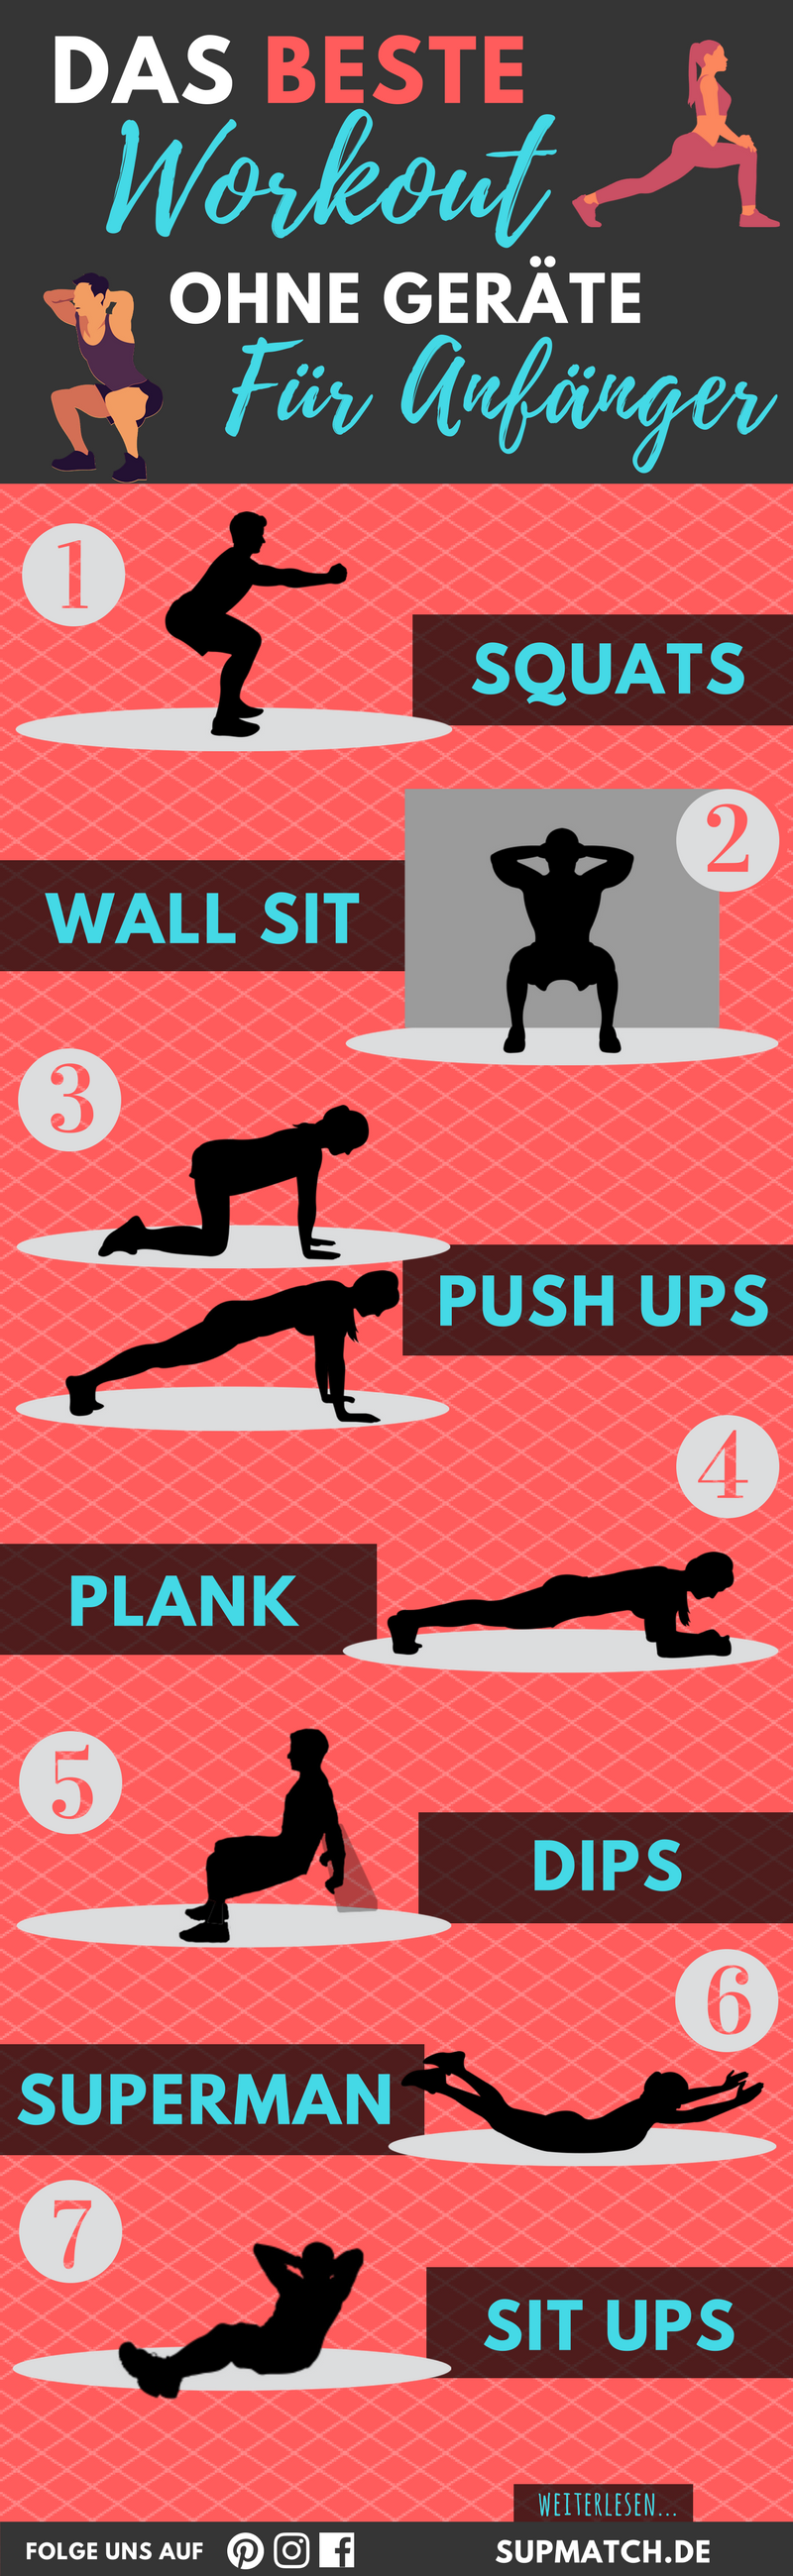 ses Ganzkörper-Workout eignet sich vor allem für Anfänger ... on